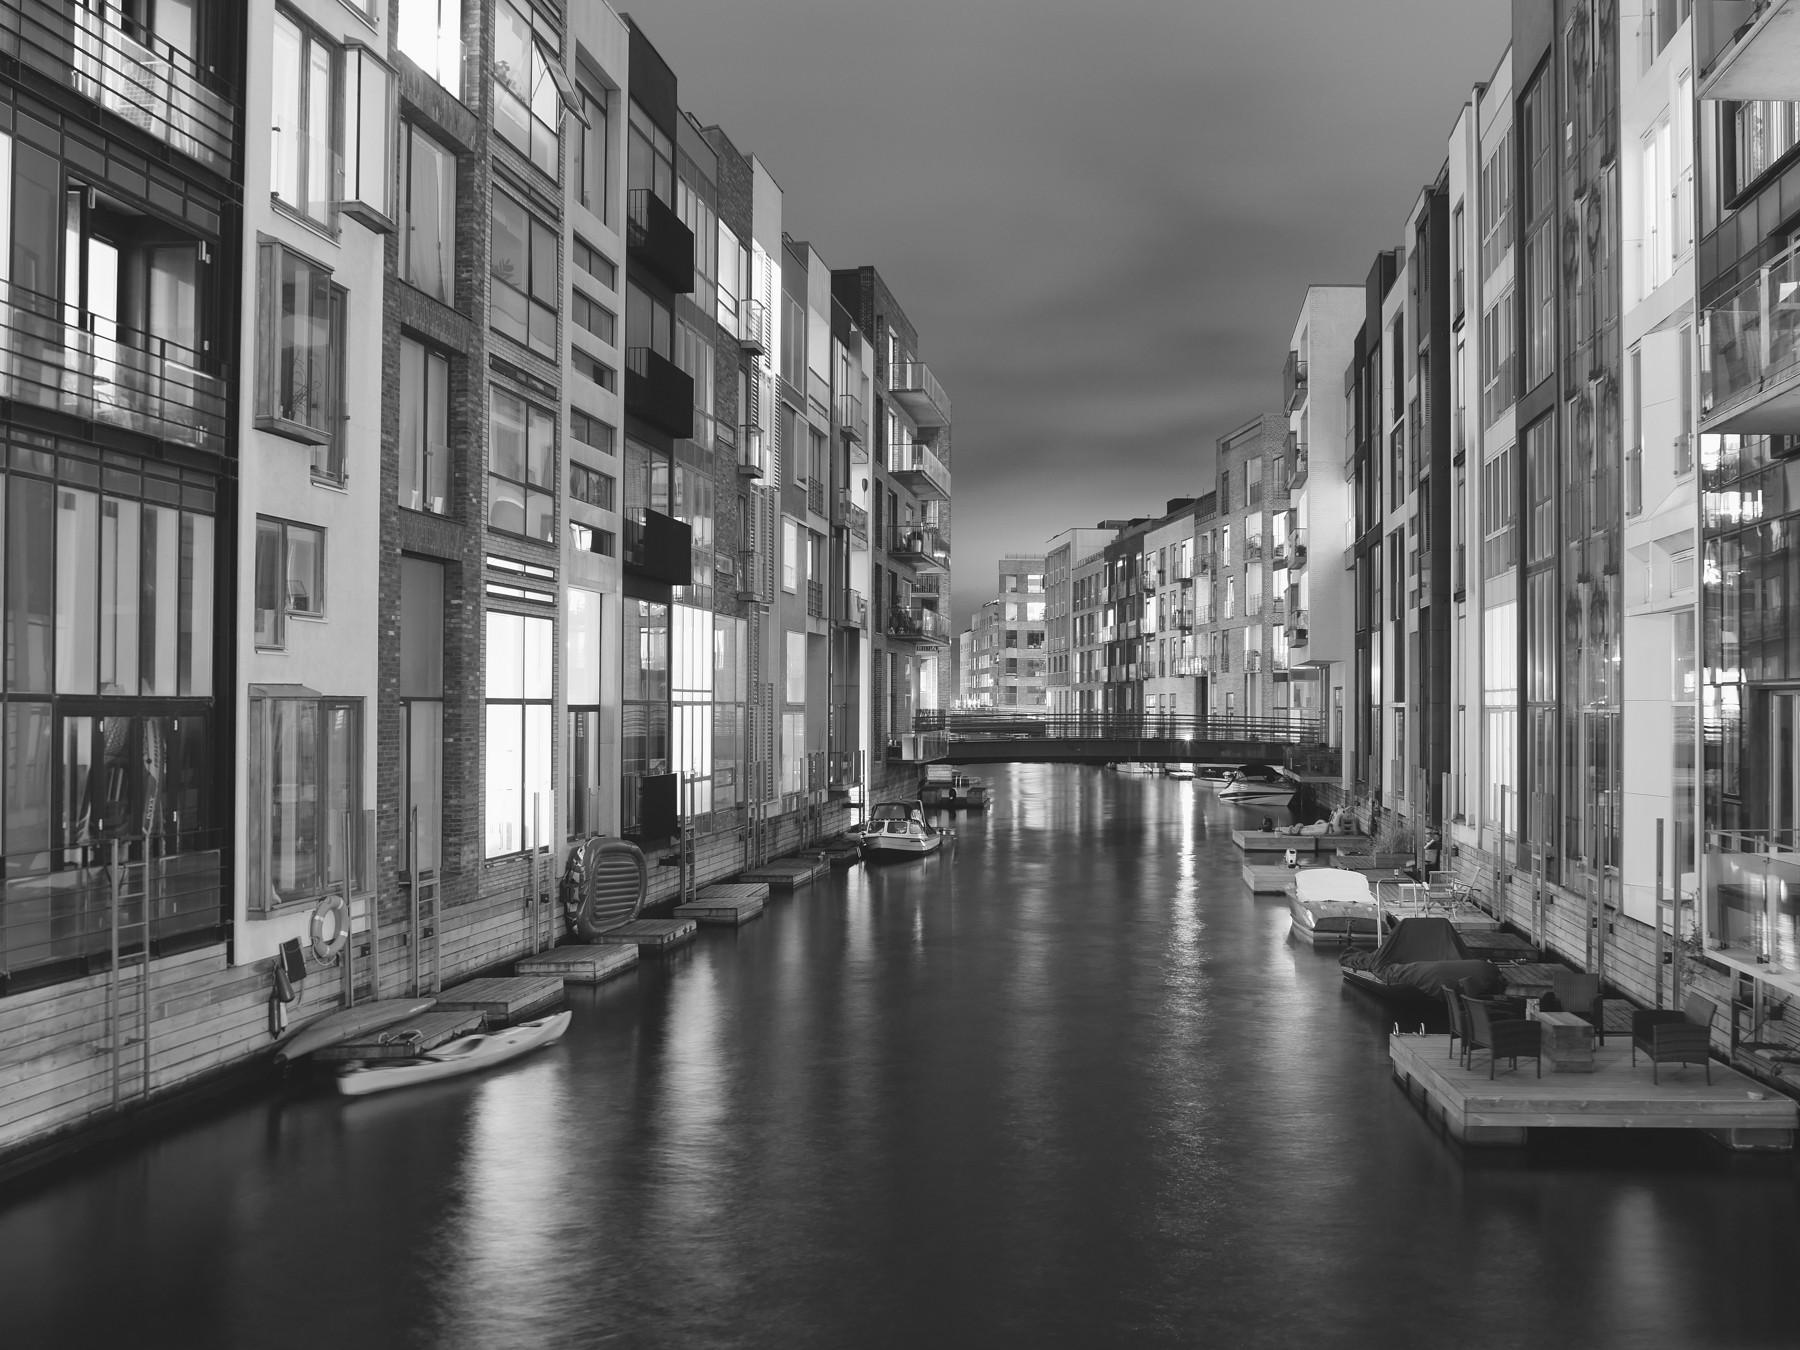 Kanalerne i Sydhavnen, København - Voigtländer 17.5mm til Micro Four Thirds